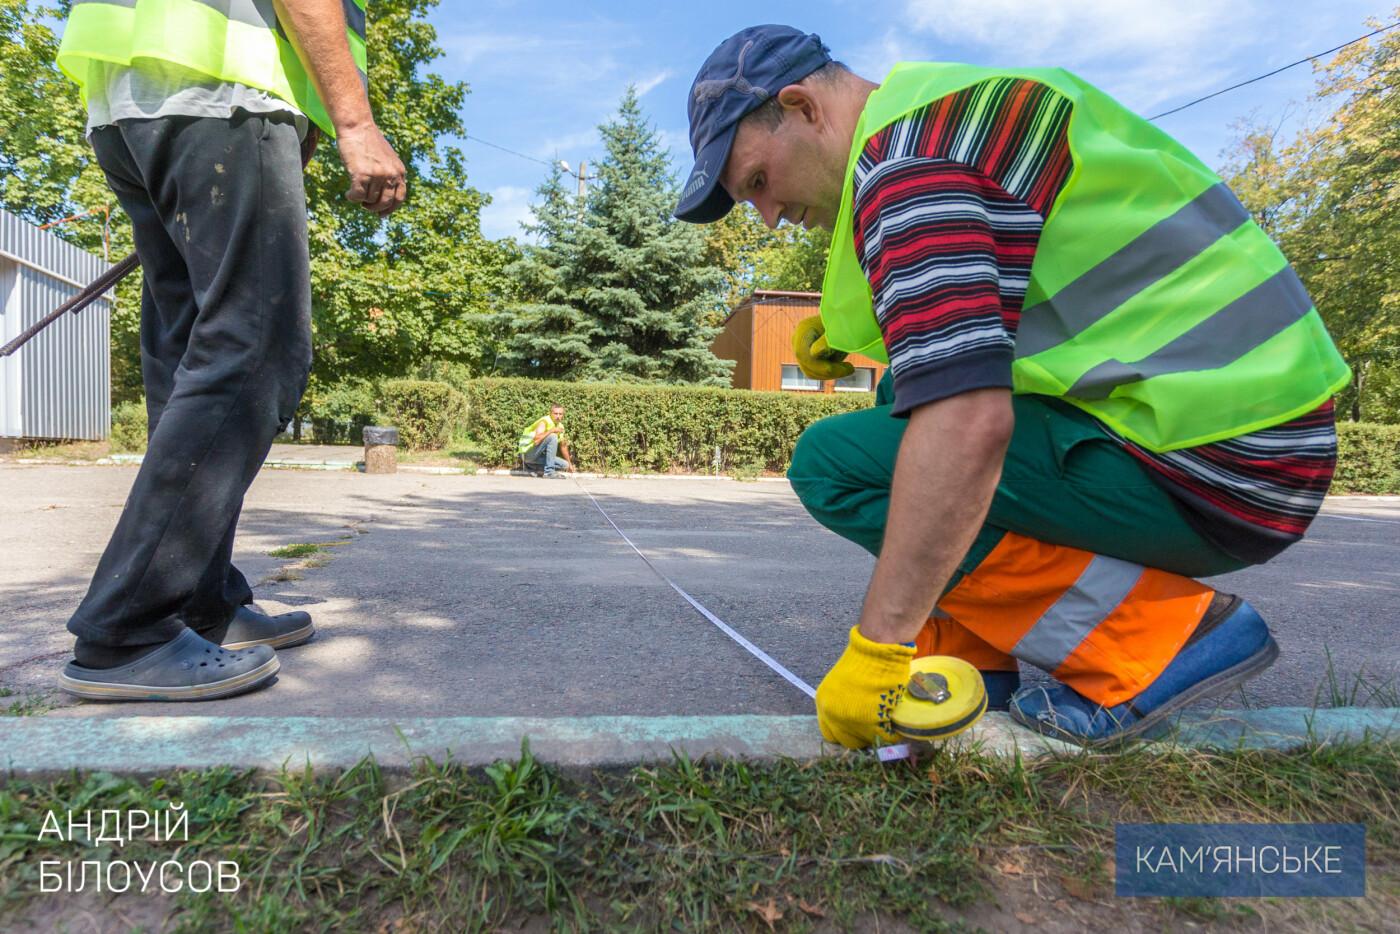 Новые аттракционы, тротуарная плитка и площадки: в Левобережном парке Каменского началась реконструкция, фото-3